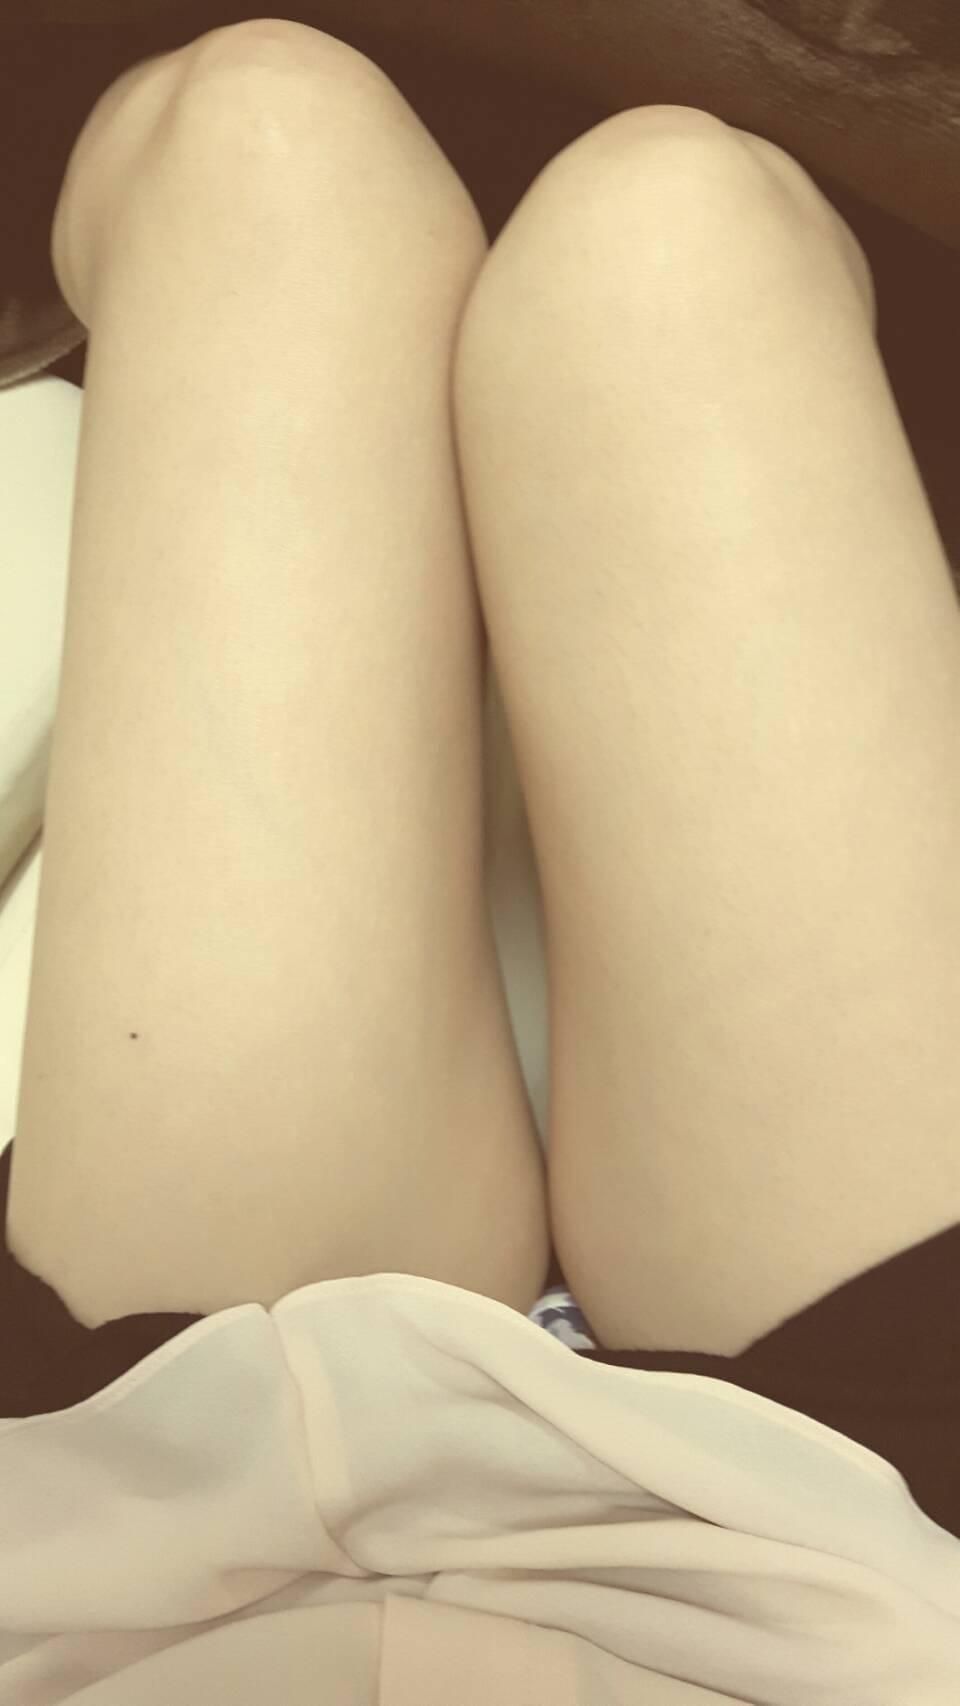 「休憩♪」08/22(水) 14:41   みおりの写メ・風俗動画